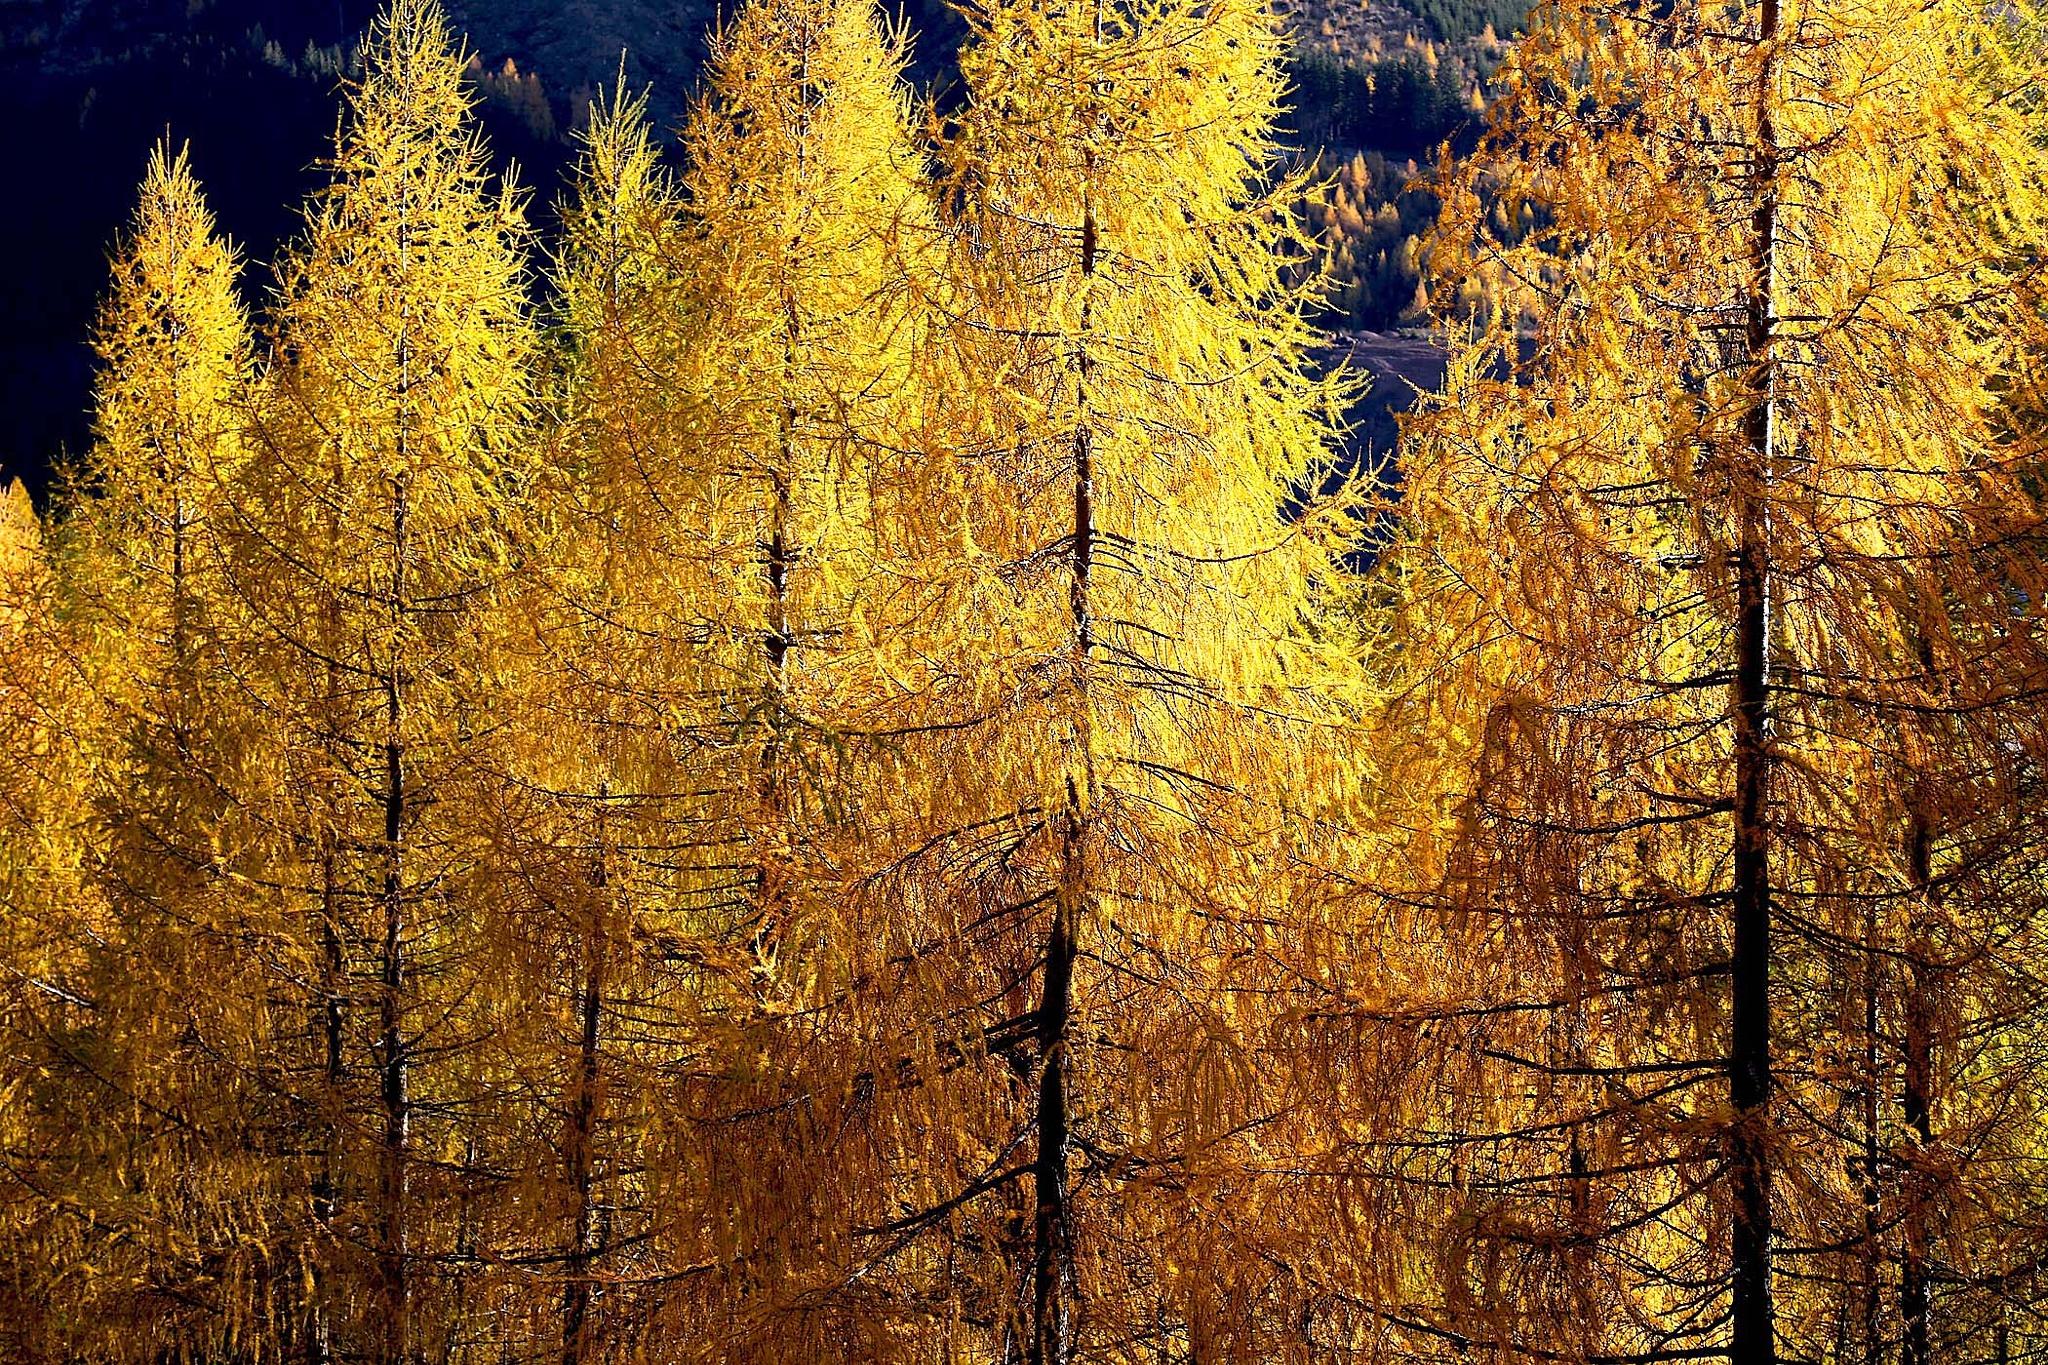 Autumn gold by regzech